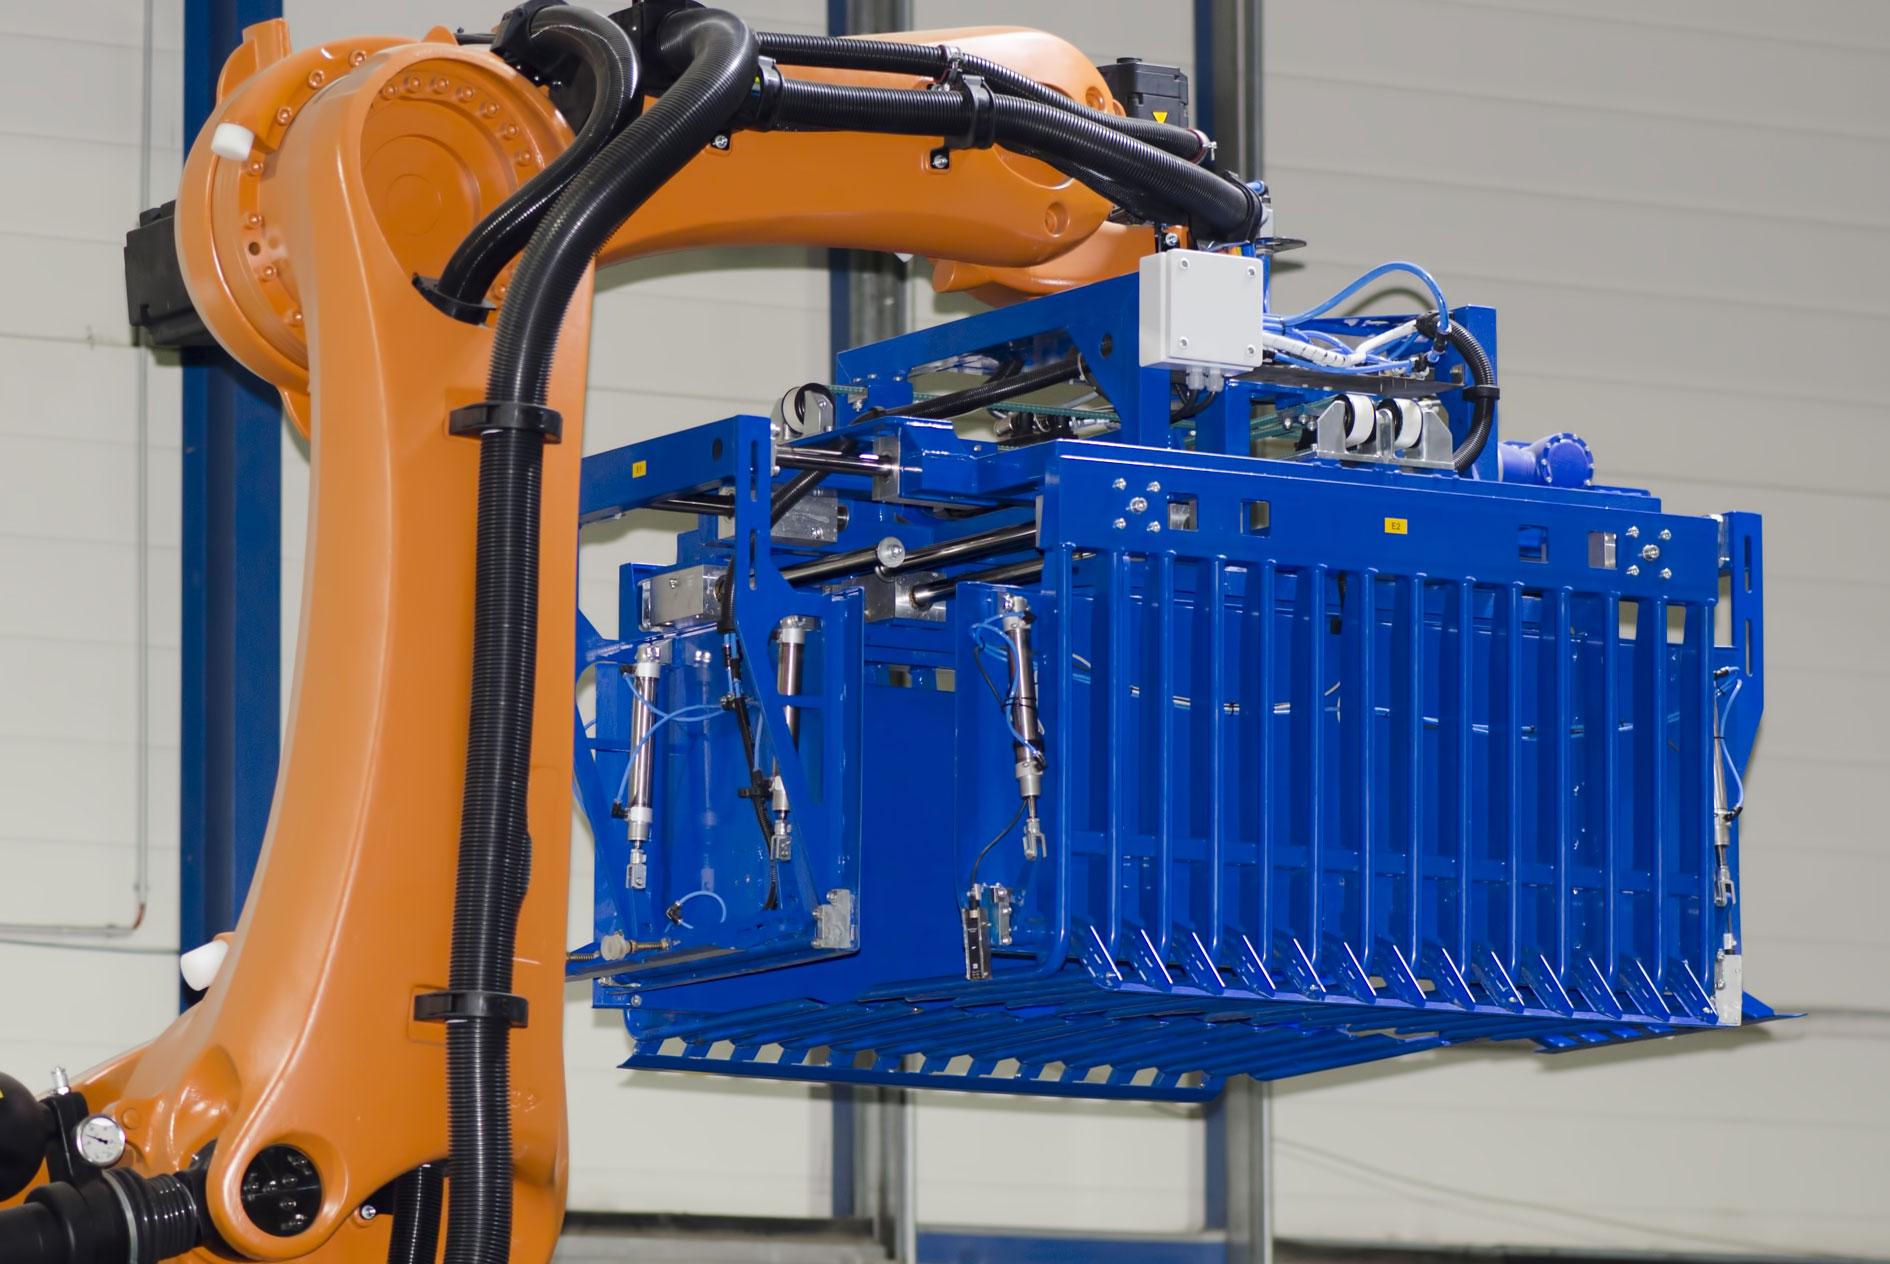 kkkoy-konetehdas-koneenrakennus-laiterakennus-alihankinta-metalliteollisuus-2